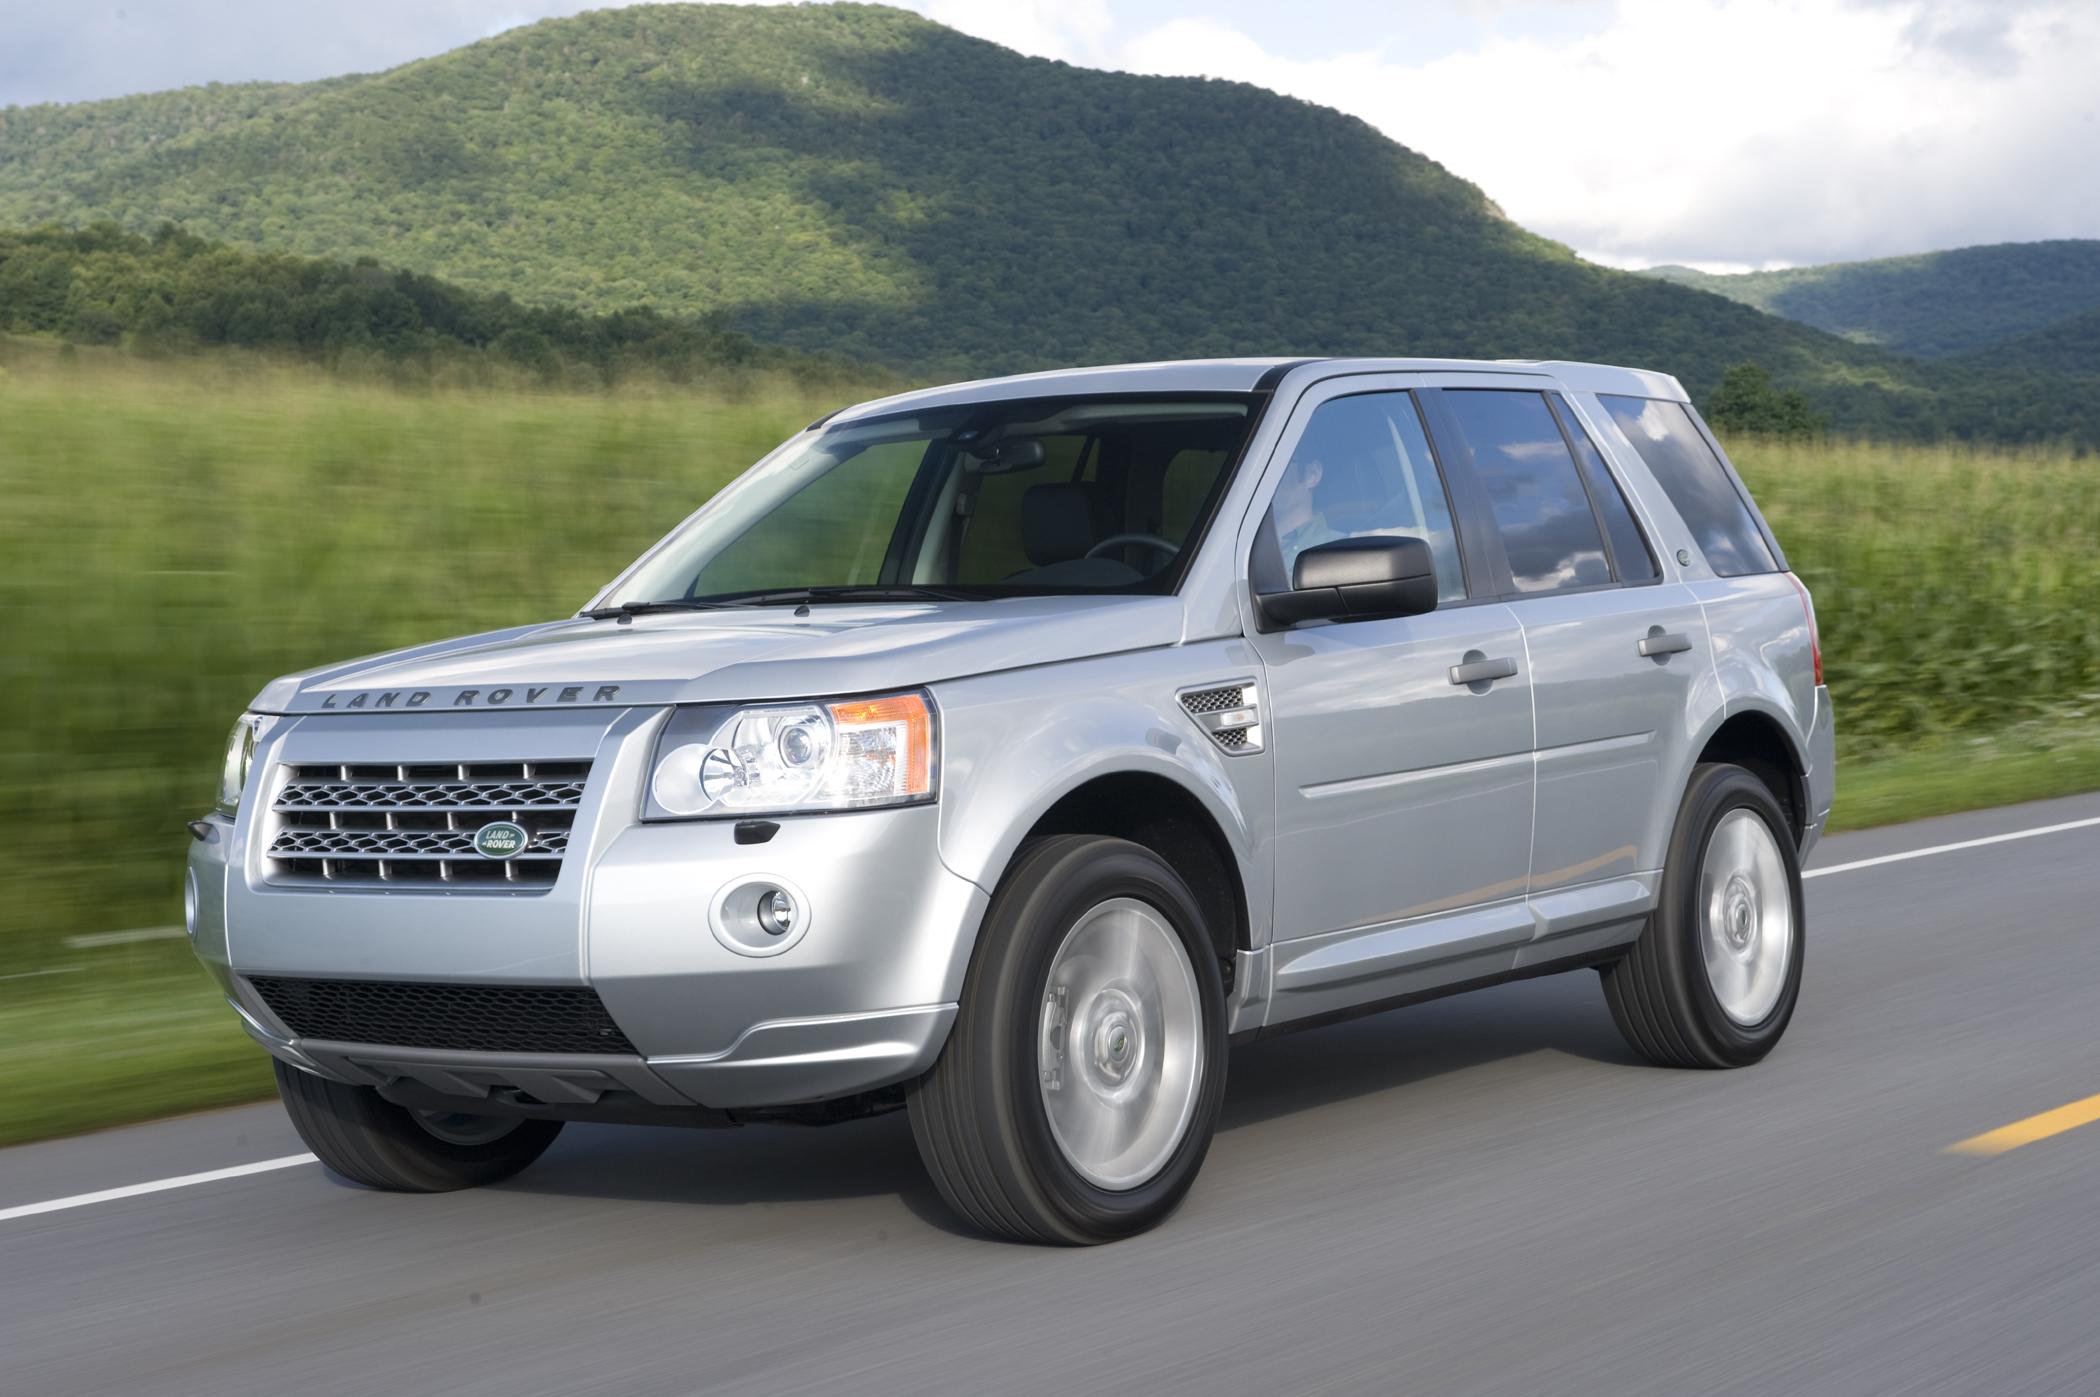 2009 Land Rover LR2 A Premium pact SUV Bonus Wheels